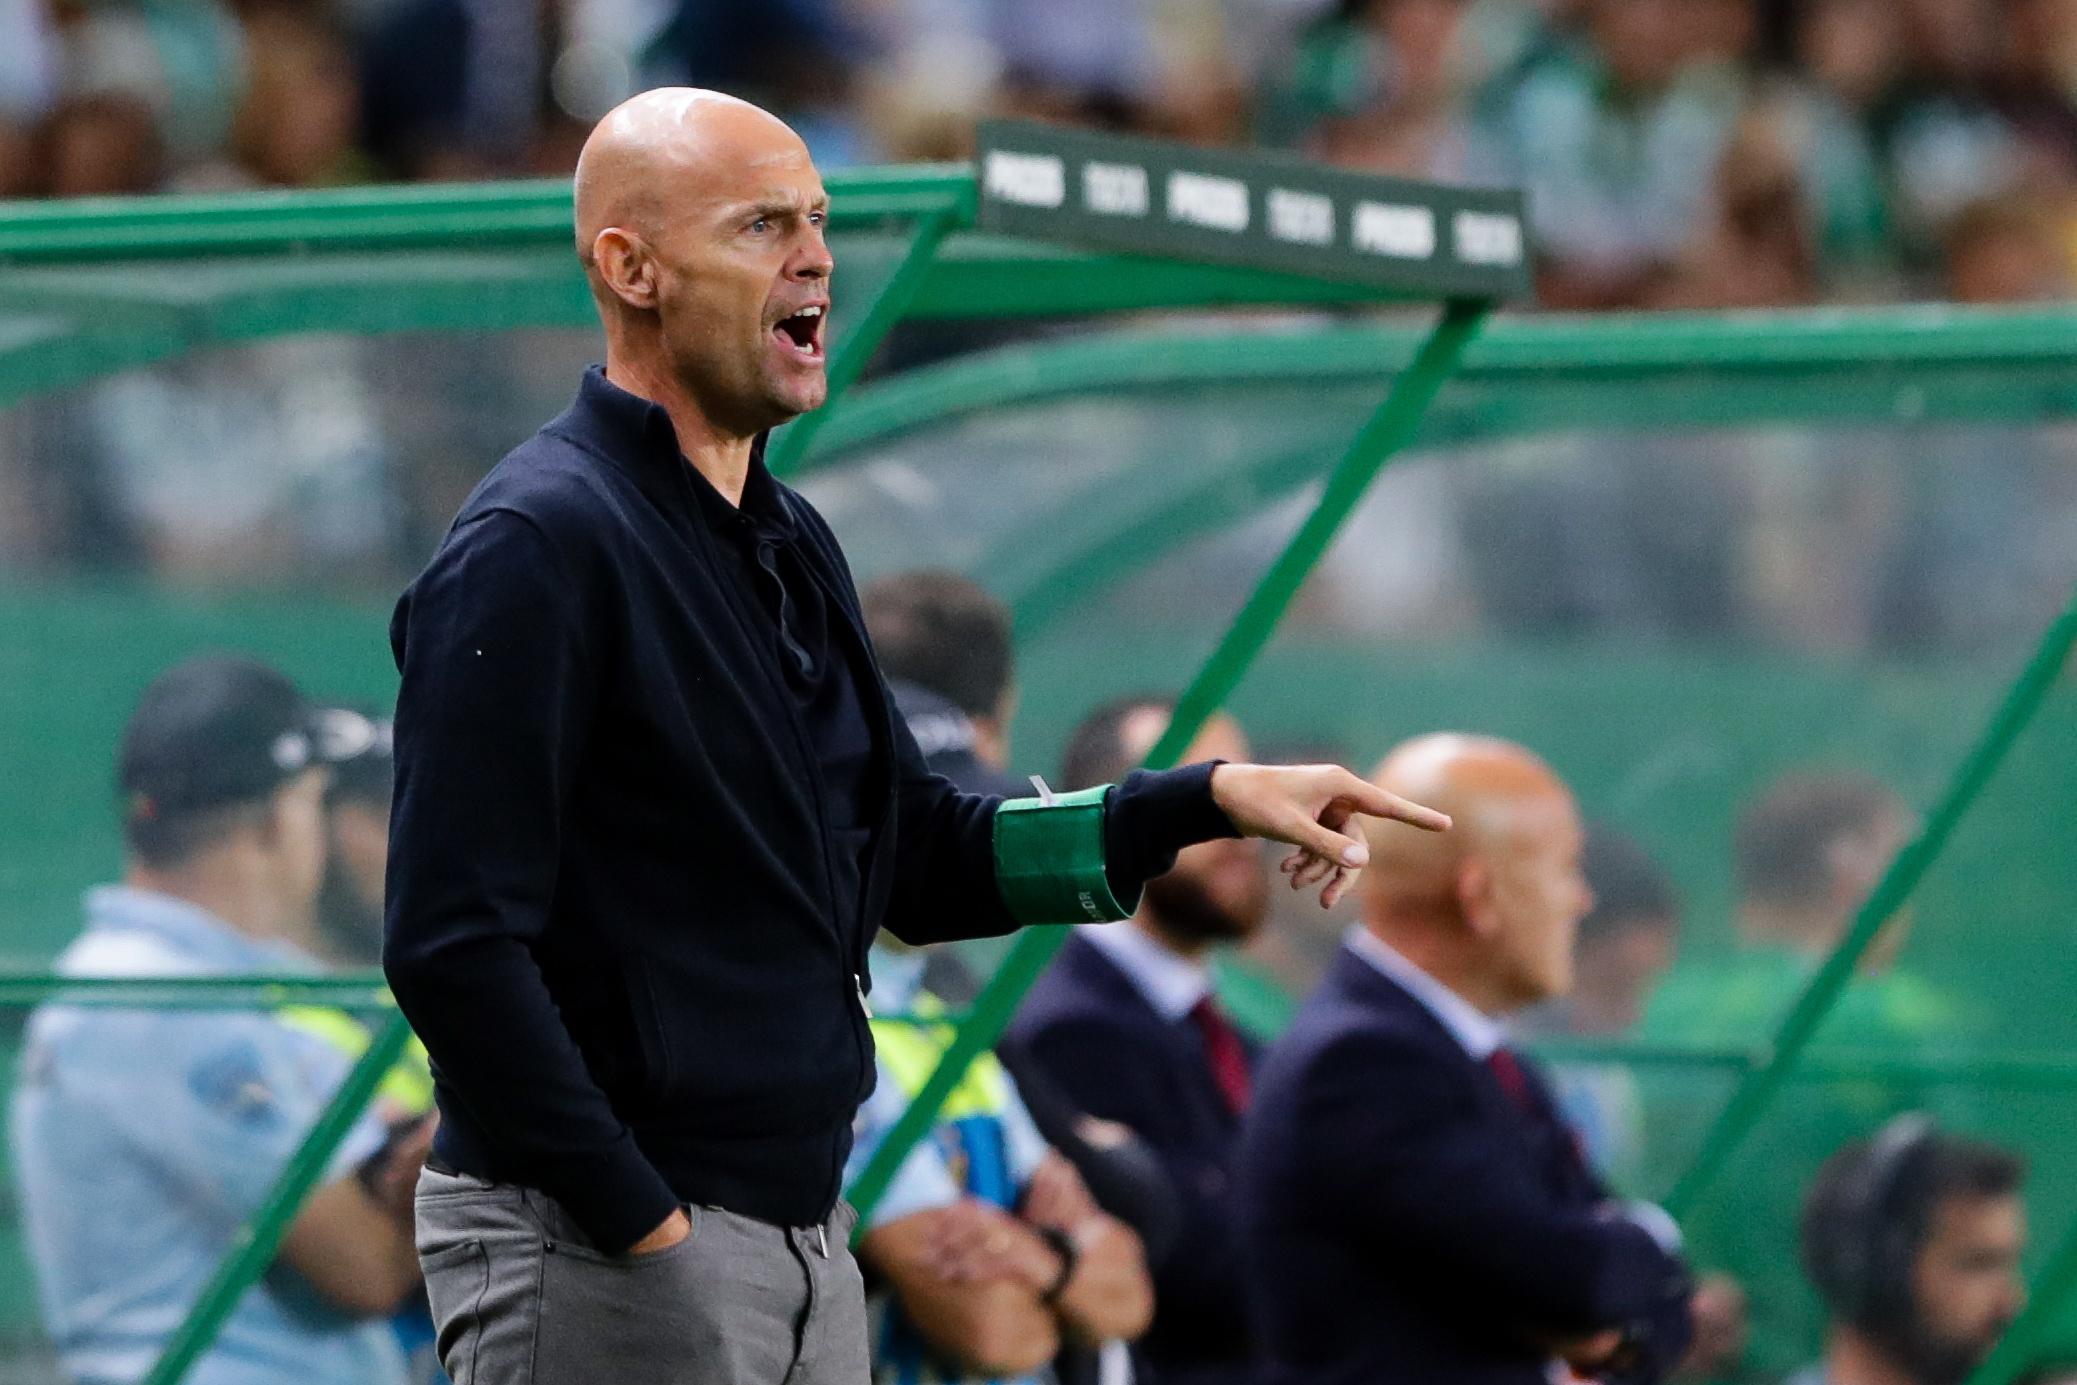 Keizer garante Sporting preparado para o Portimonense mesmo sem Bas Dost